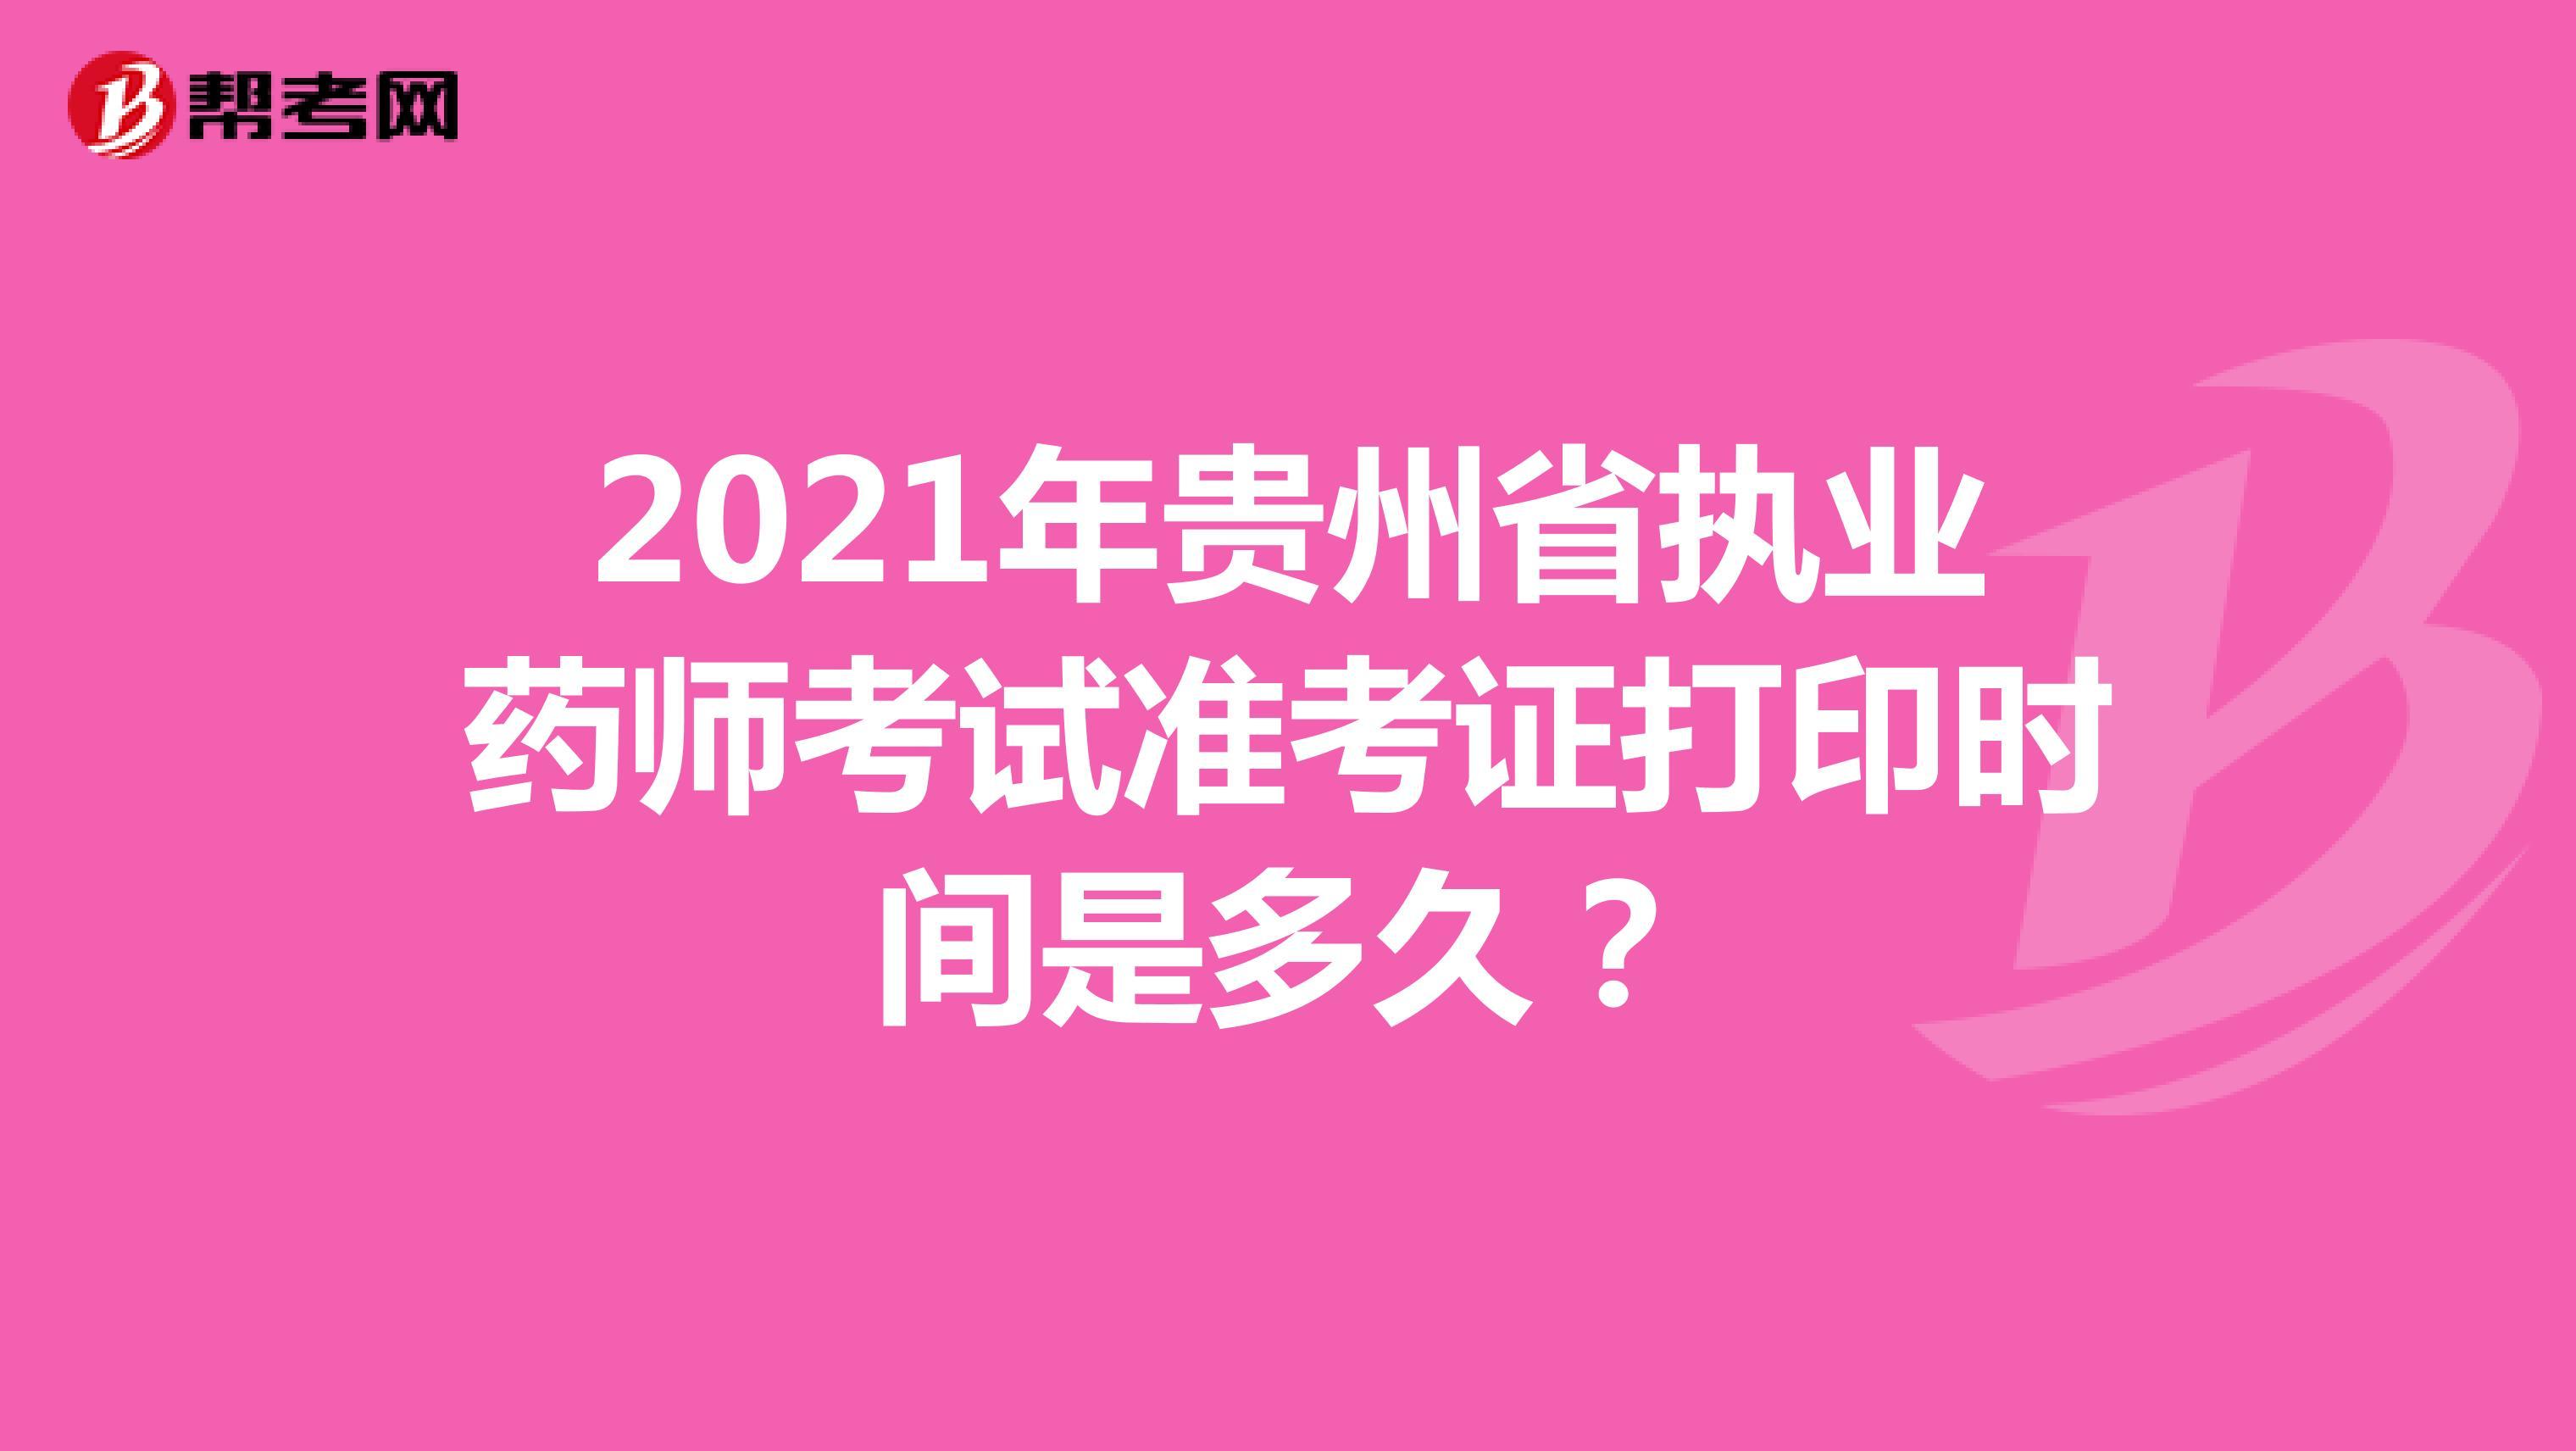 2021年贵州省执业药师考试准考证打印时间是多久?